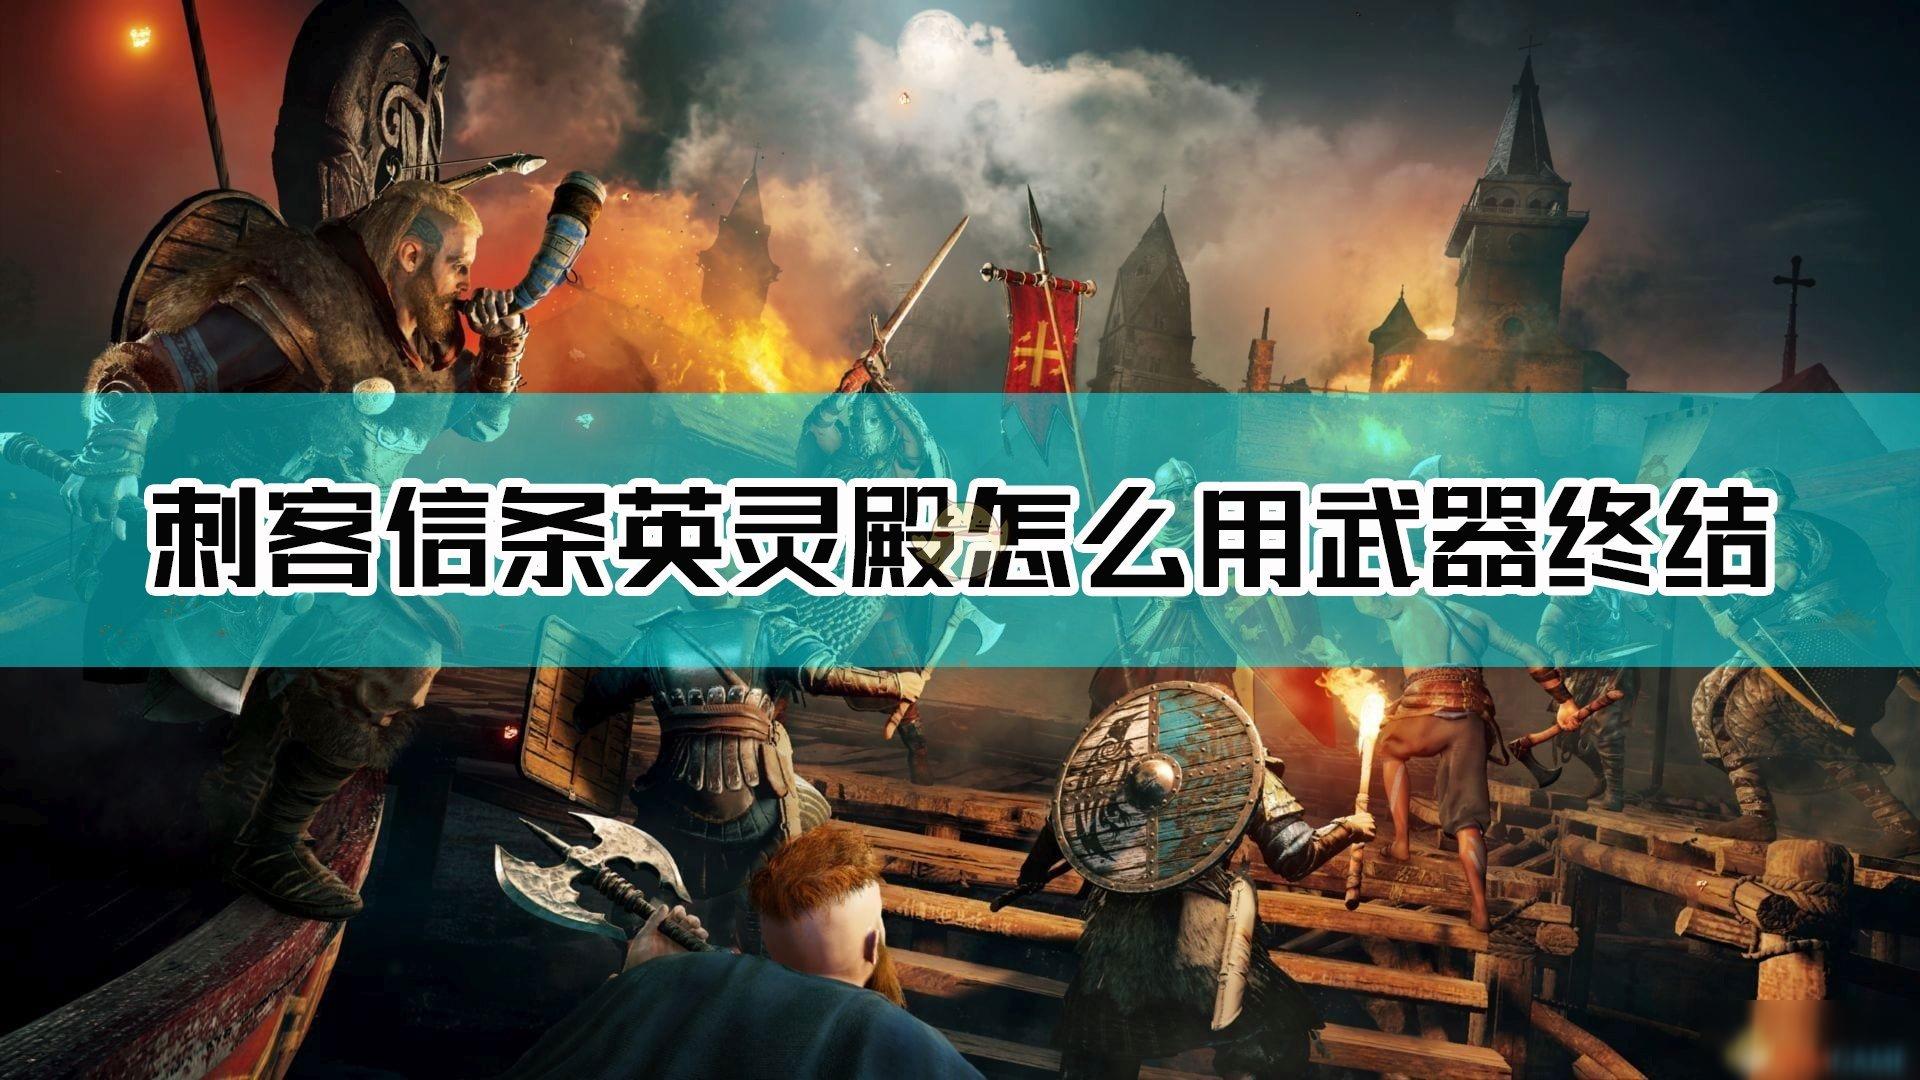 《刺客信条:英灵殿》武器终结攻略 触发机制分享